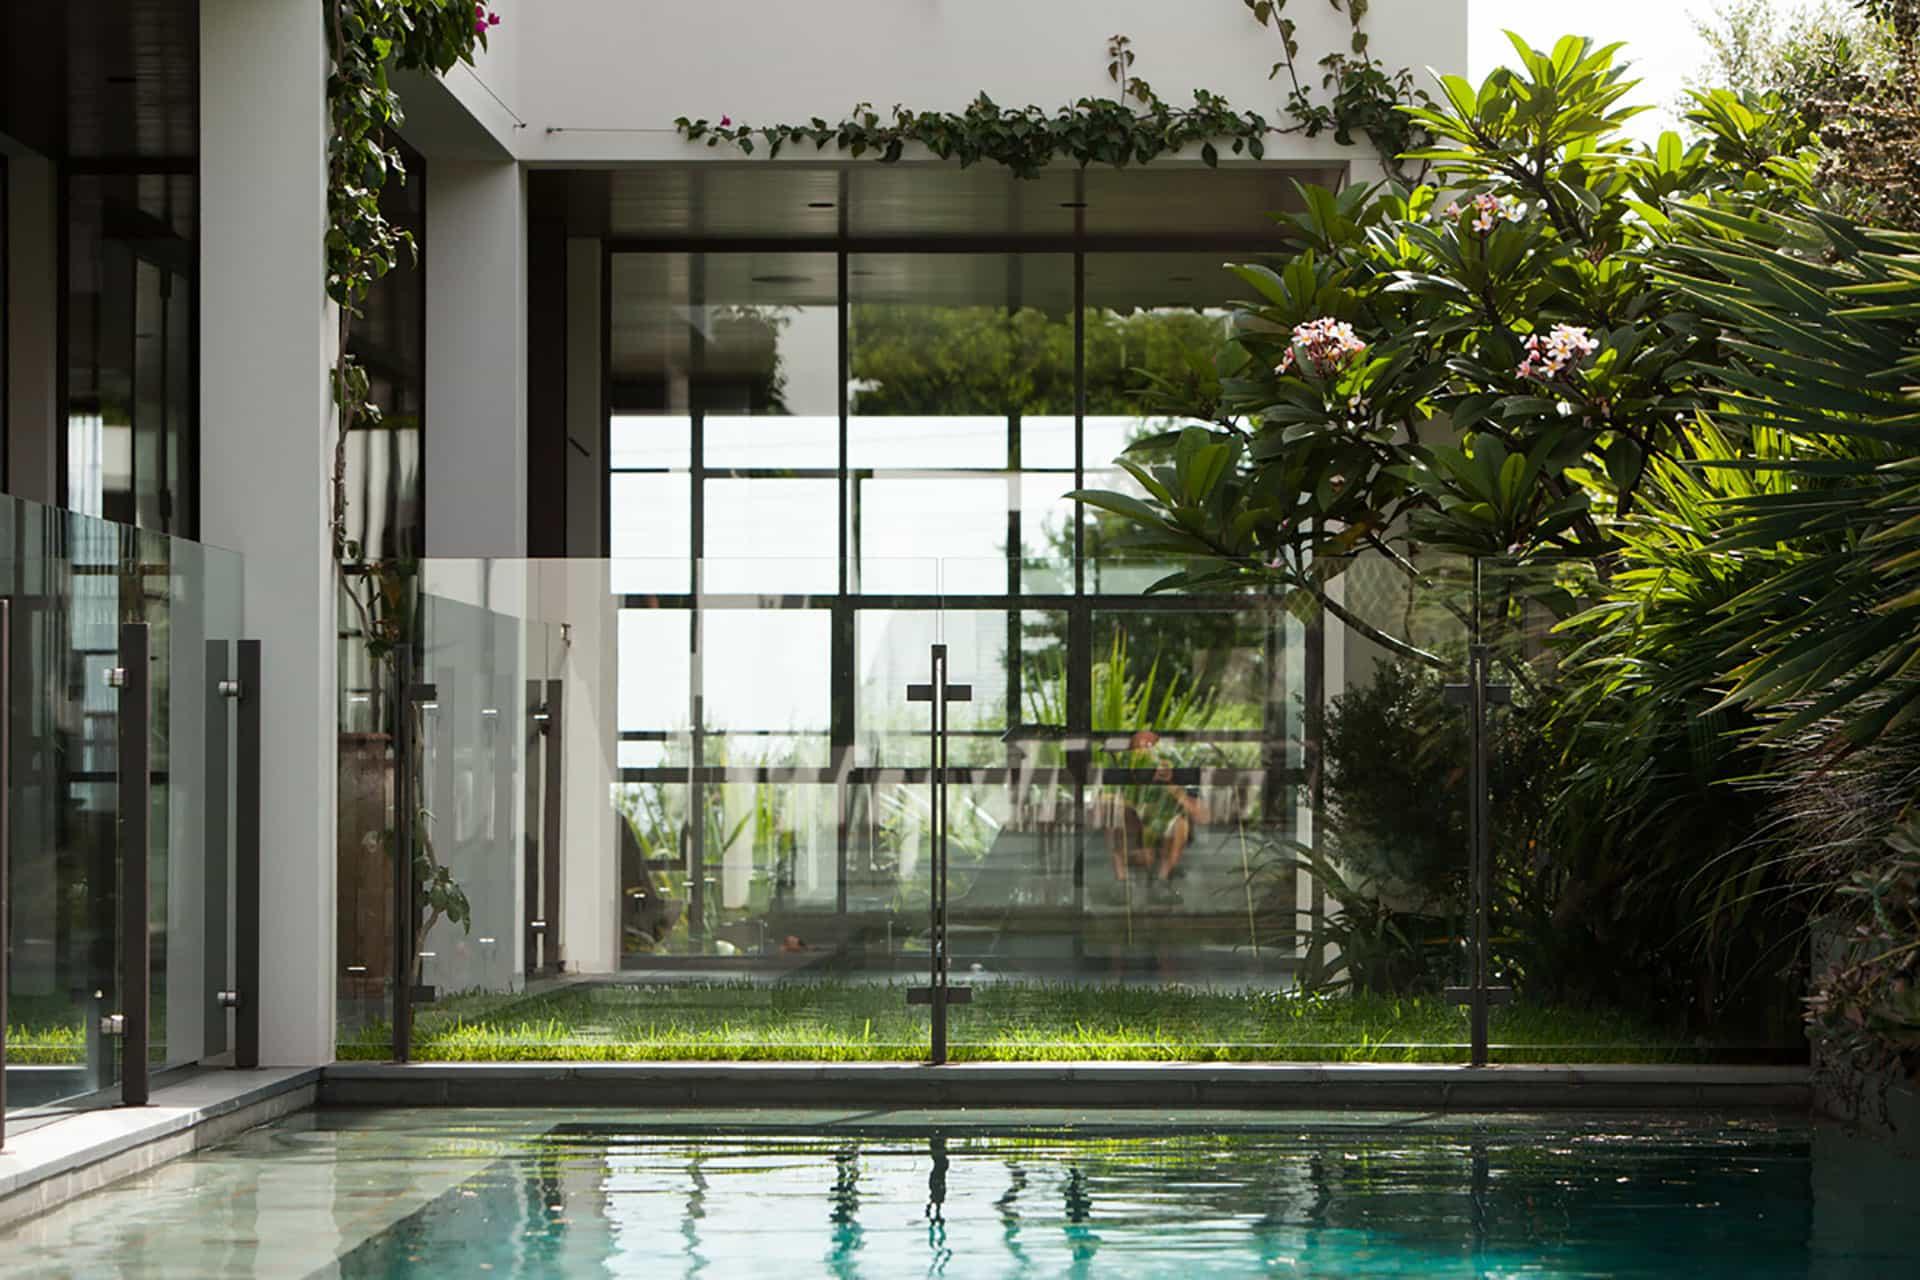 light-filled garden house